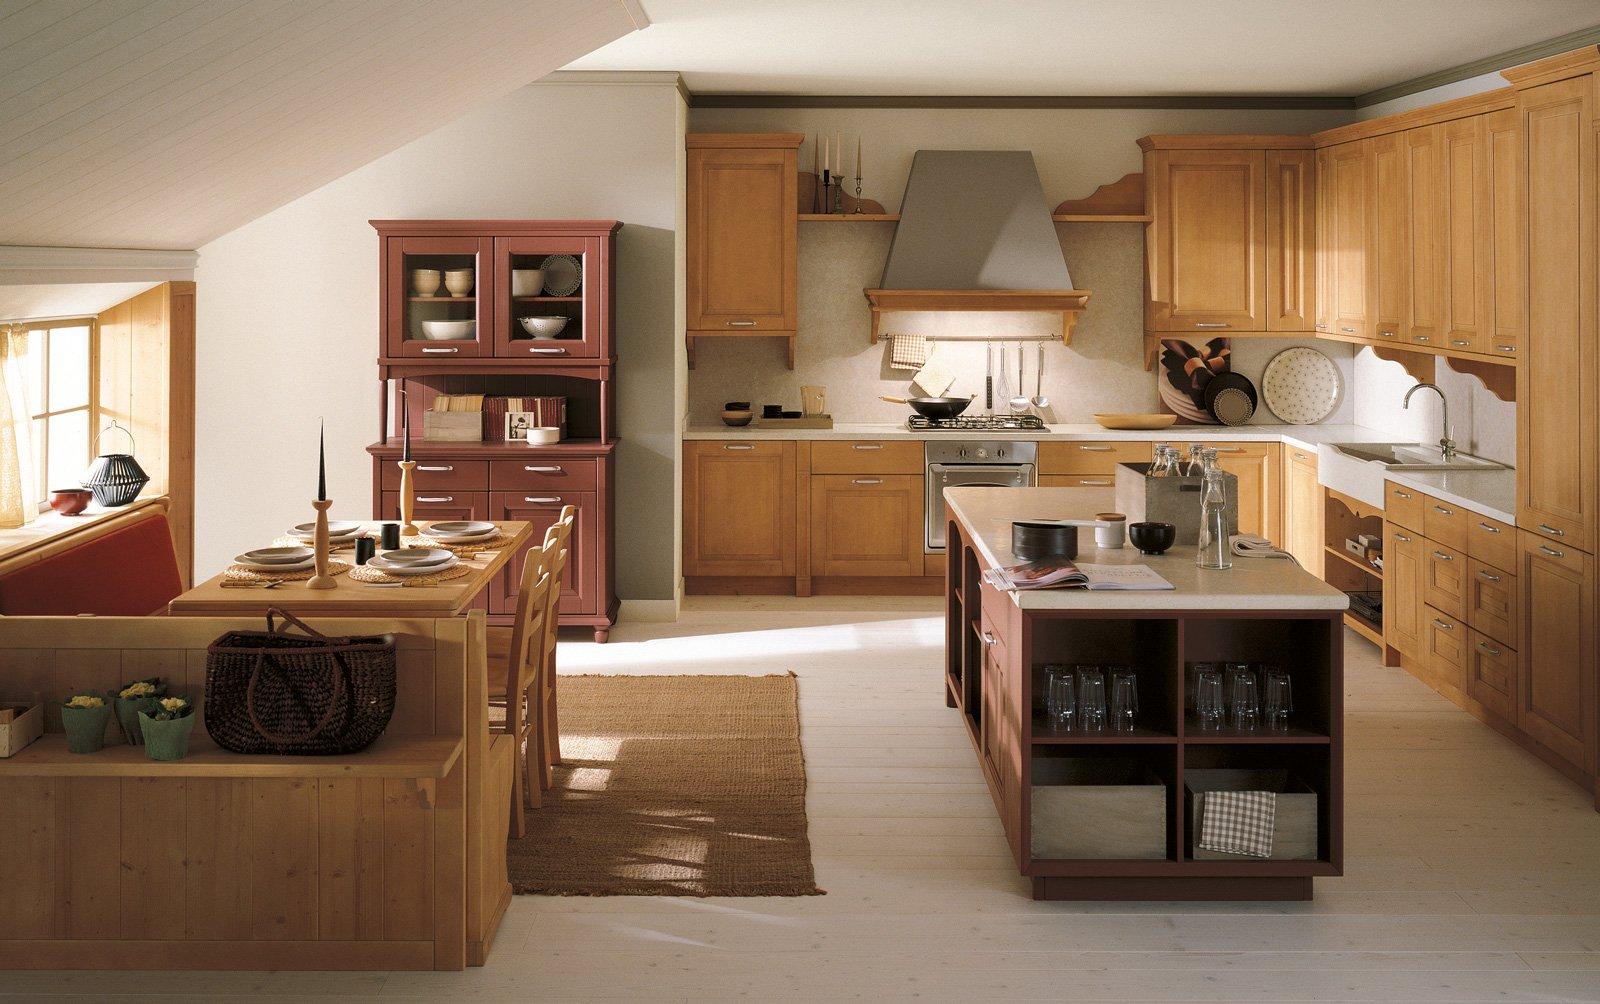 Cucine bicolore l 39 alternanza cromatica fa tendenza cose for Ad giornale di arredamento